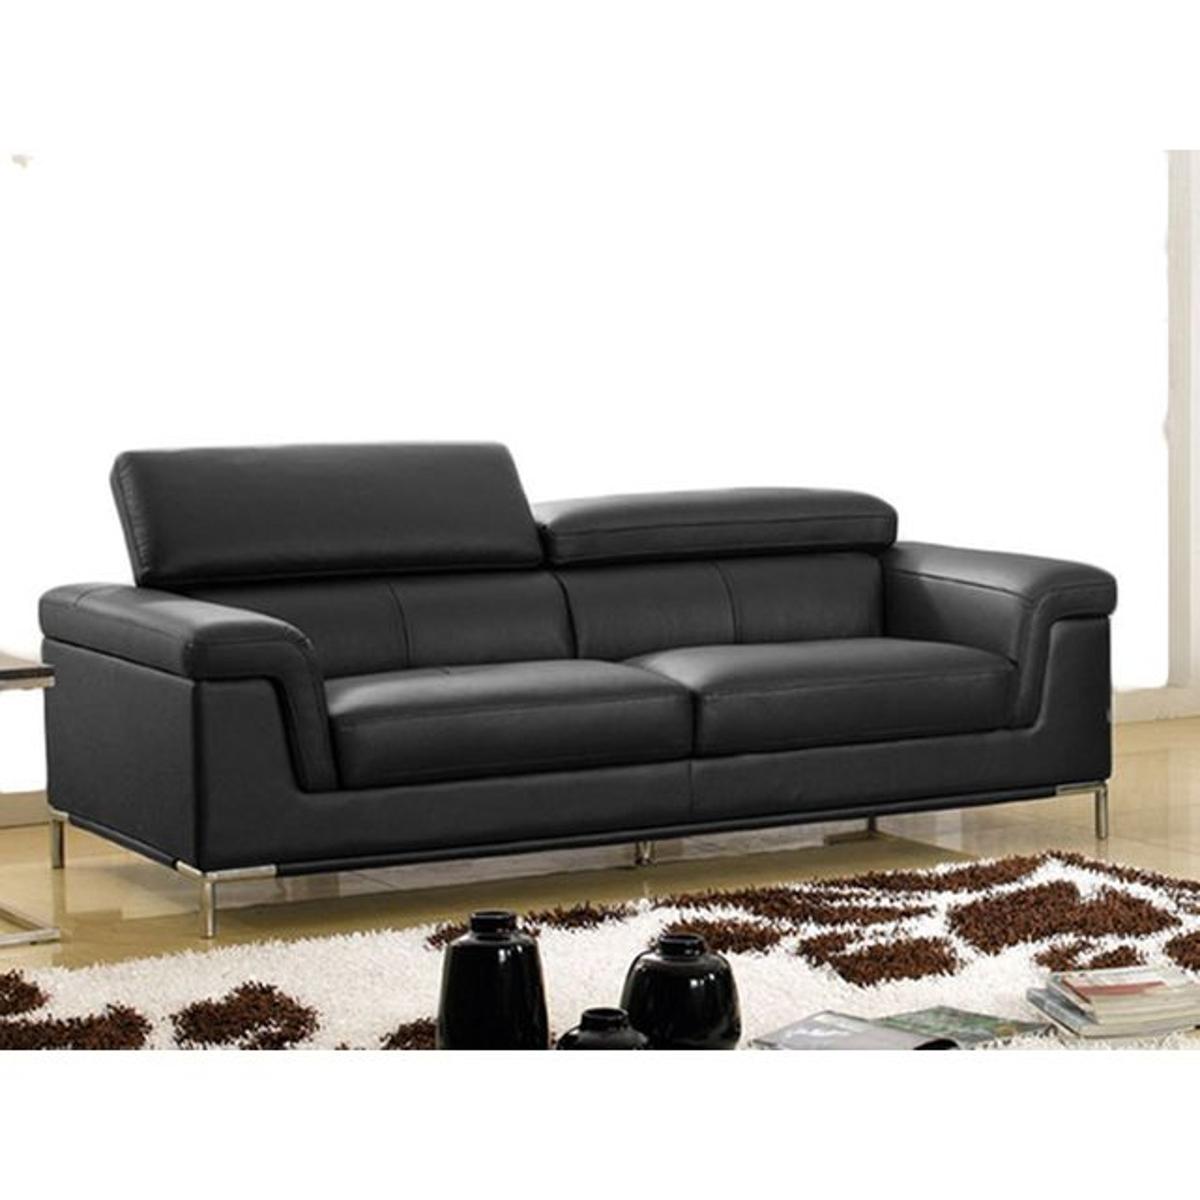 Canapé cuir 3 places RANIA